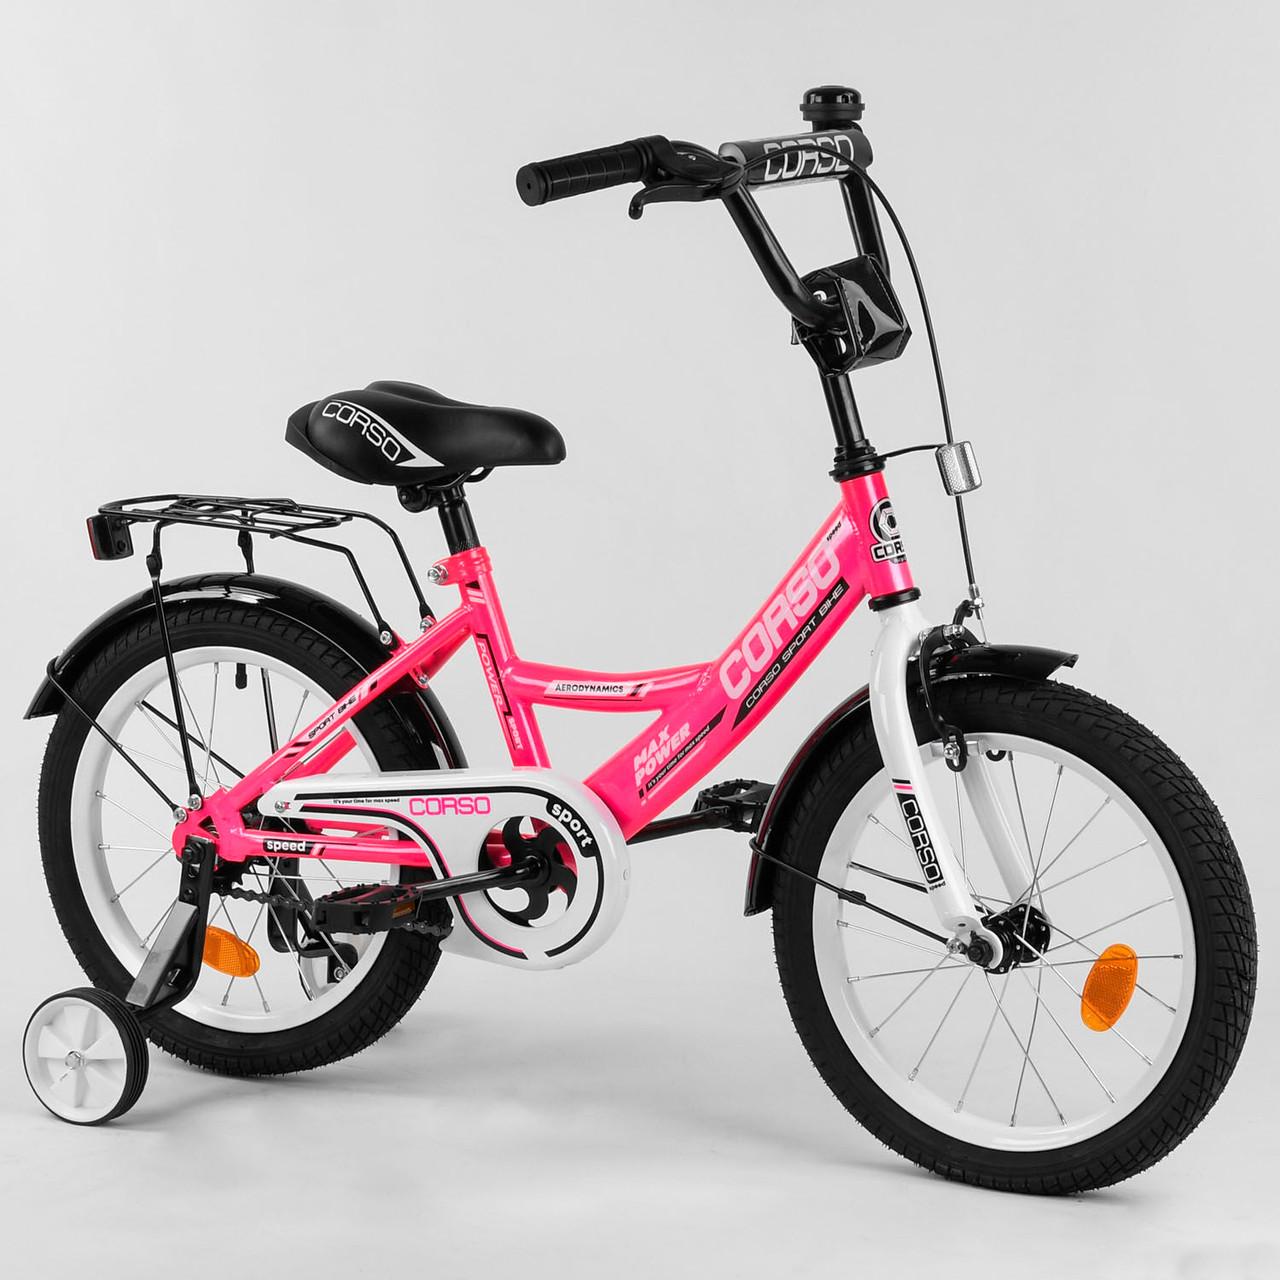 Велосипед дитячий для хлопчика дівчинки 5 6 7 років колеса 16 дюймів Corso CL-16804